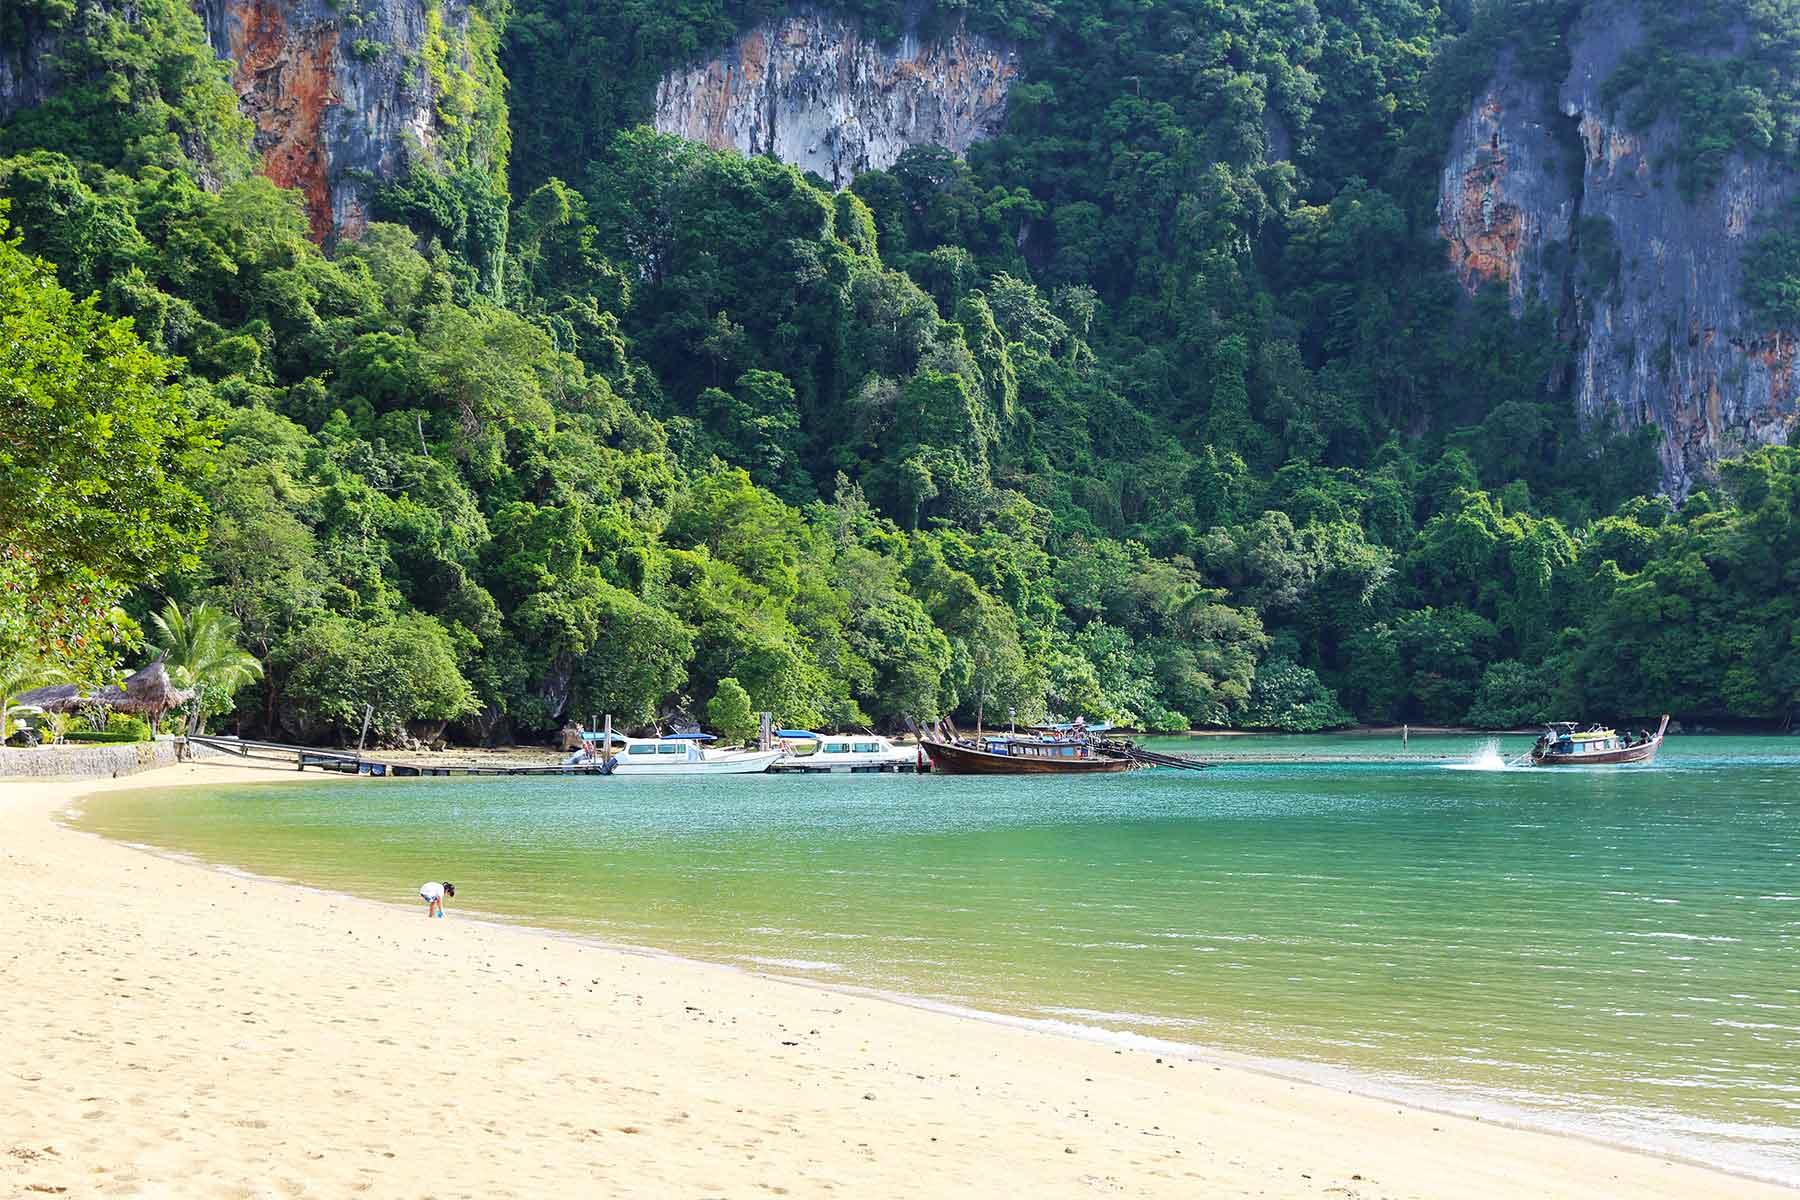 Ko Yao Noi - Thailand Photo Journal - Dr Steven Andrew Martin - International Education Online